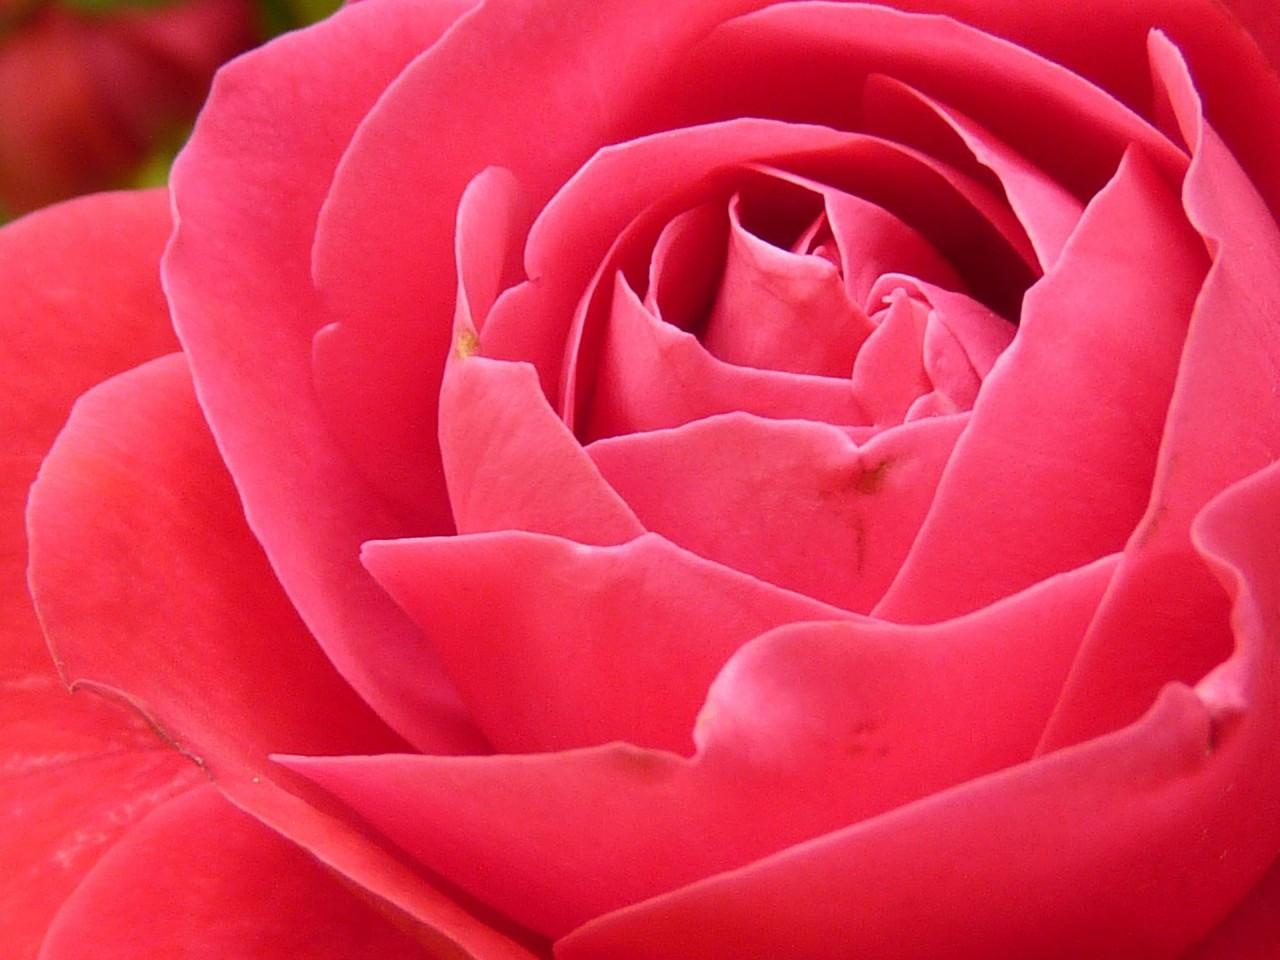 rose-7771_1920